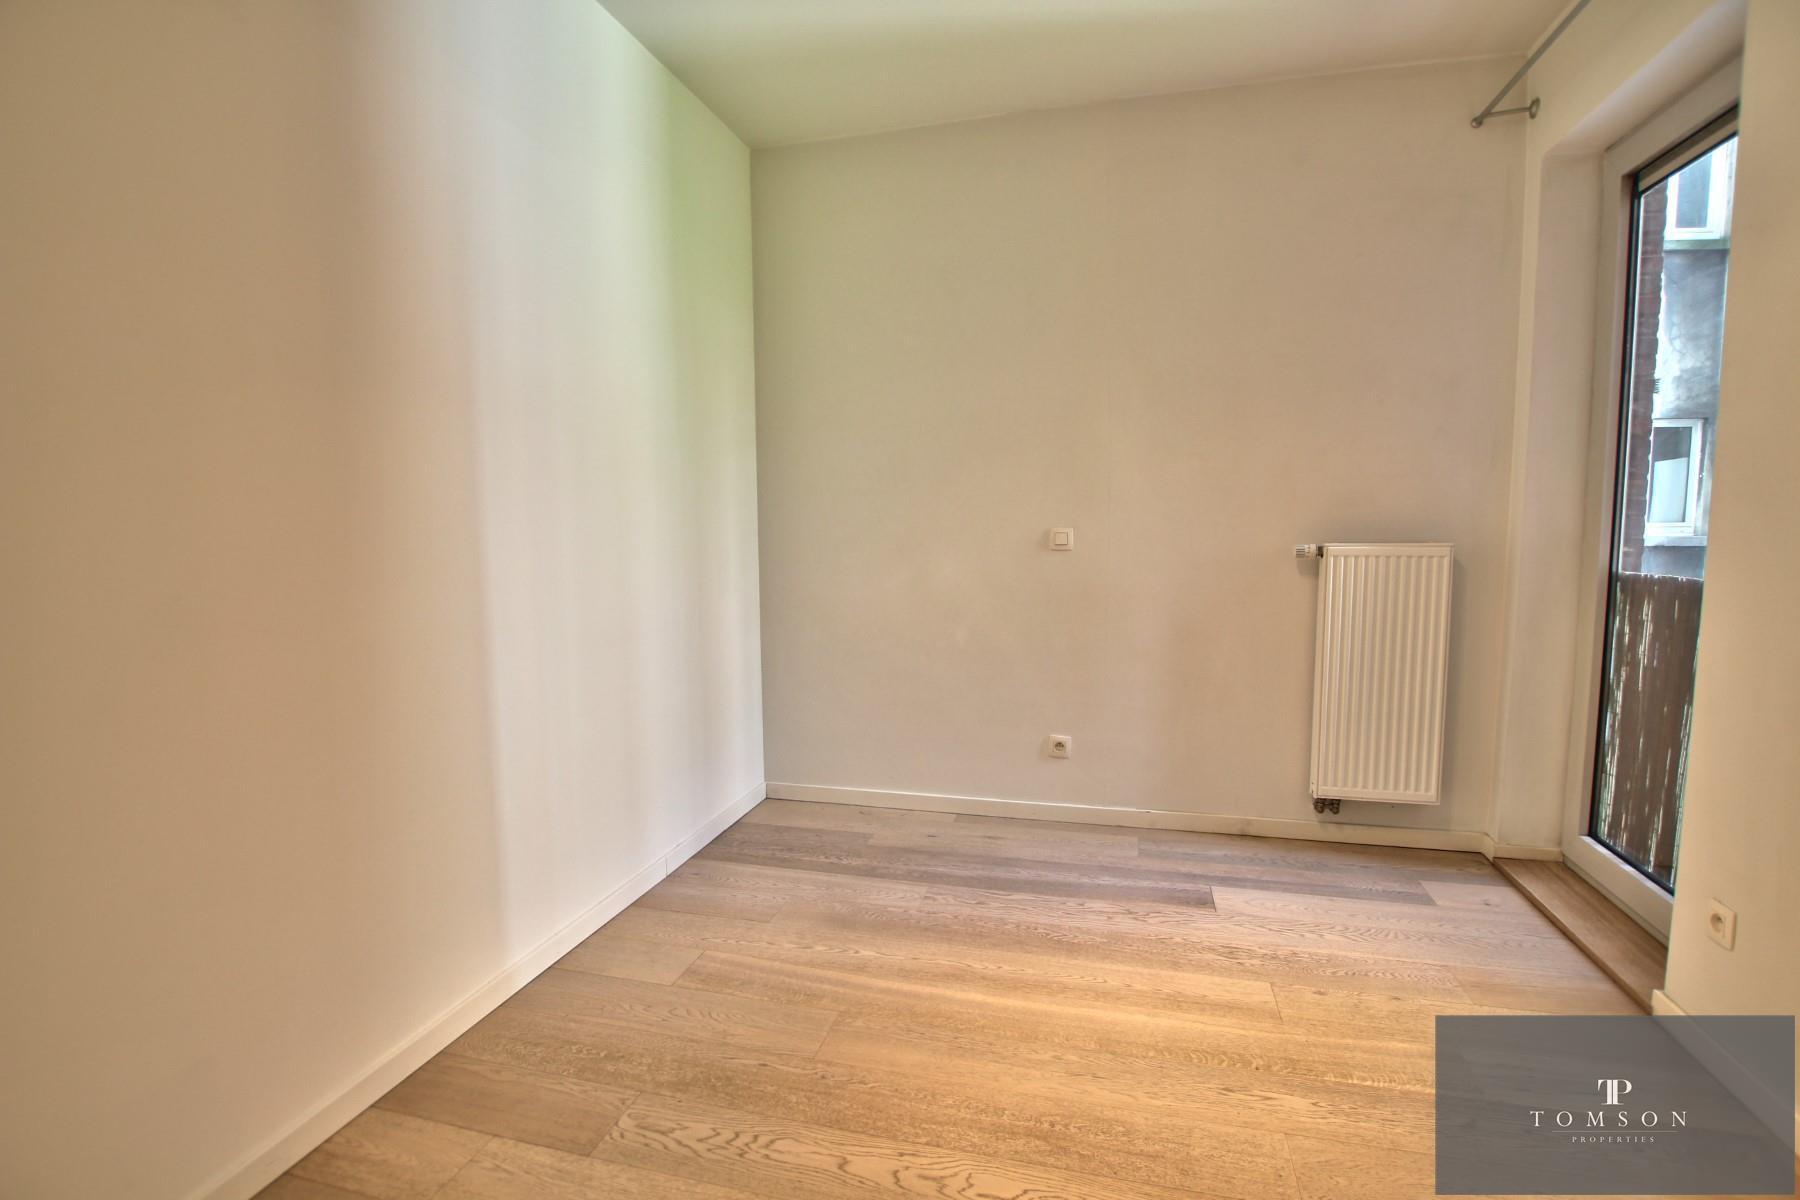 Flat - Schaerbeek - #4248046-4